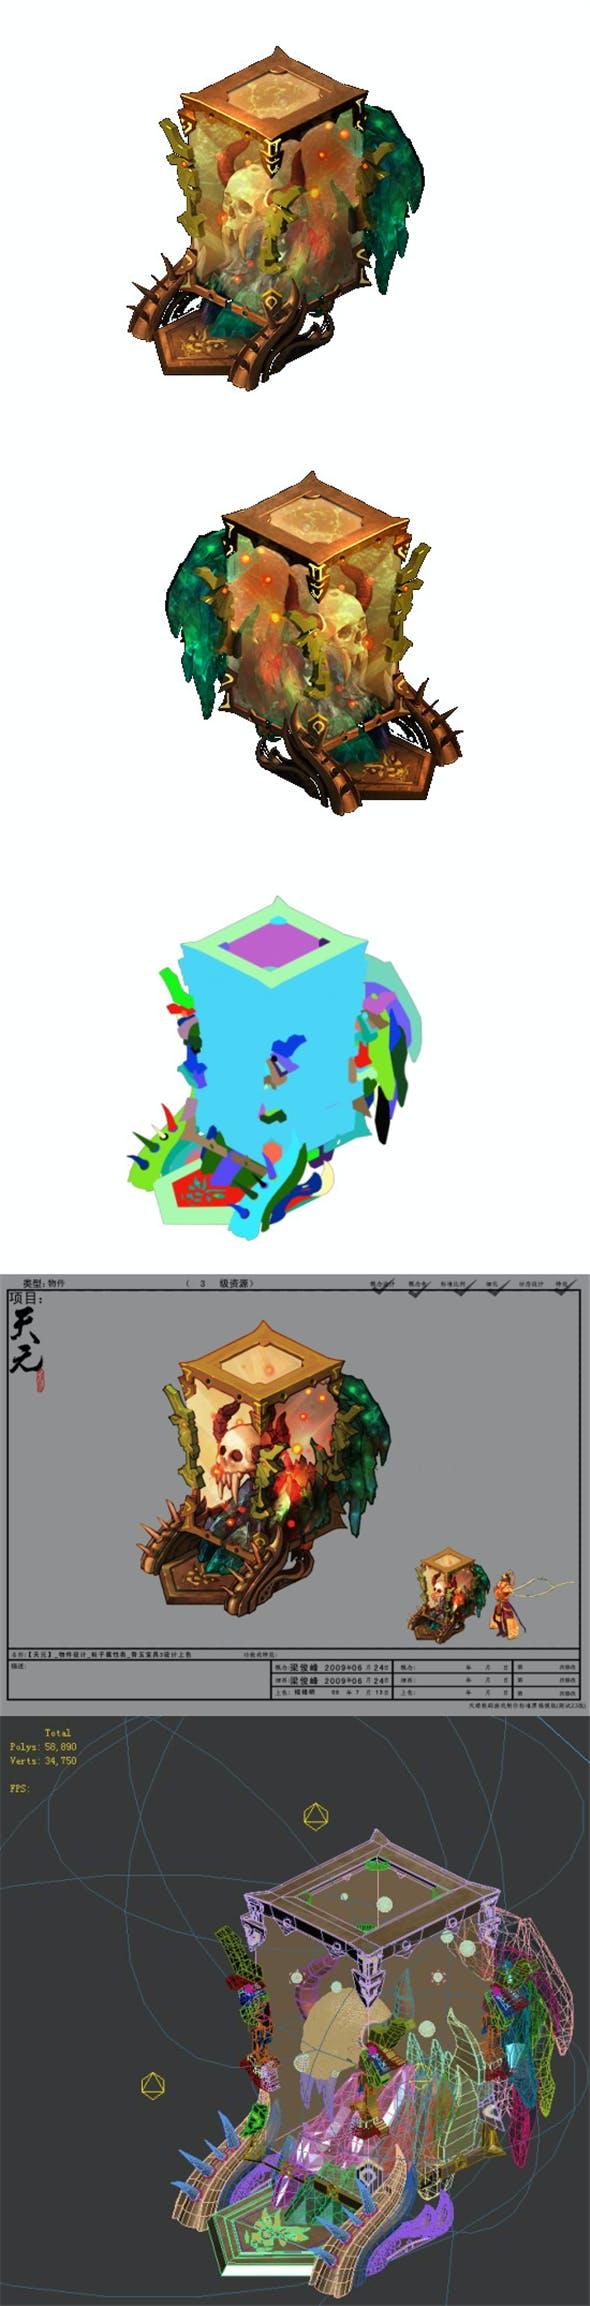 Game Model - Family Objects - Bone Ebony 3 - 3DOcean Item for Sale